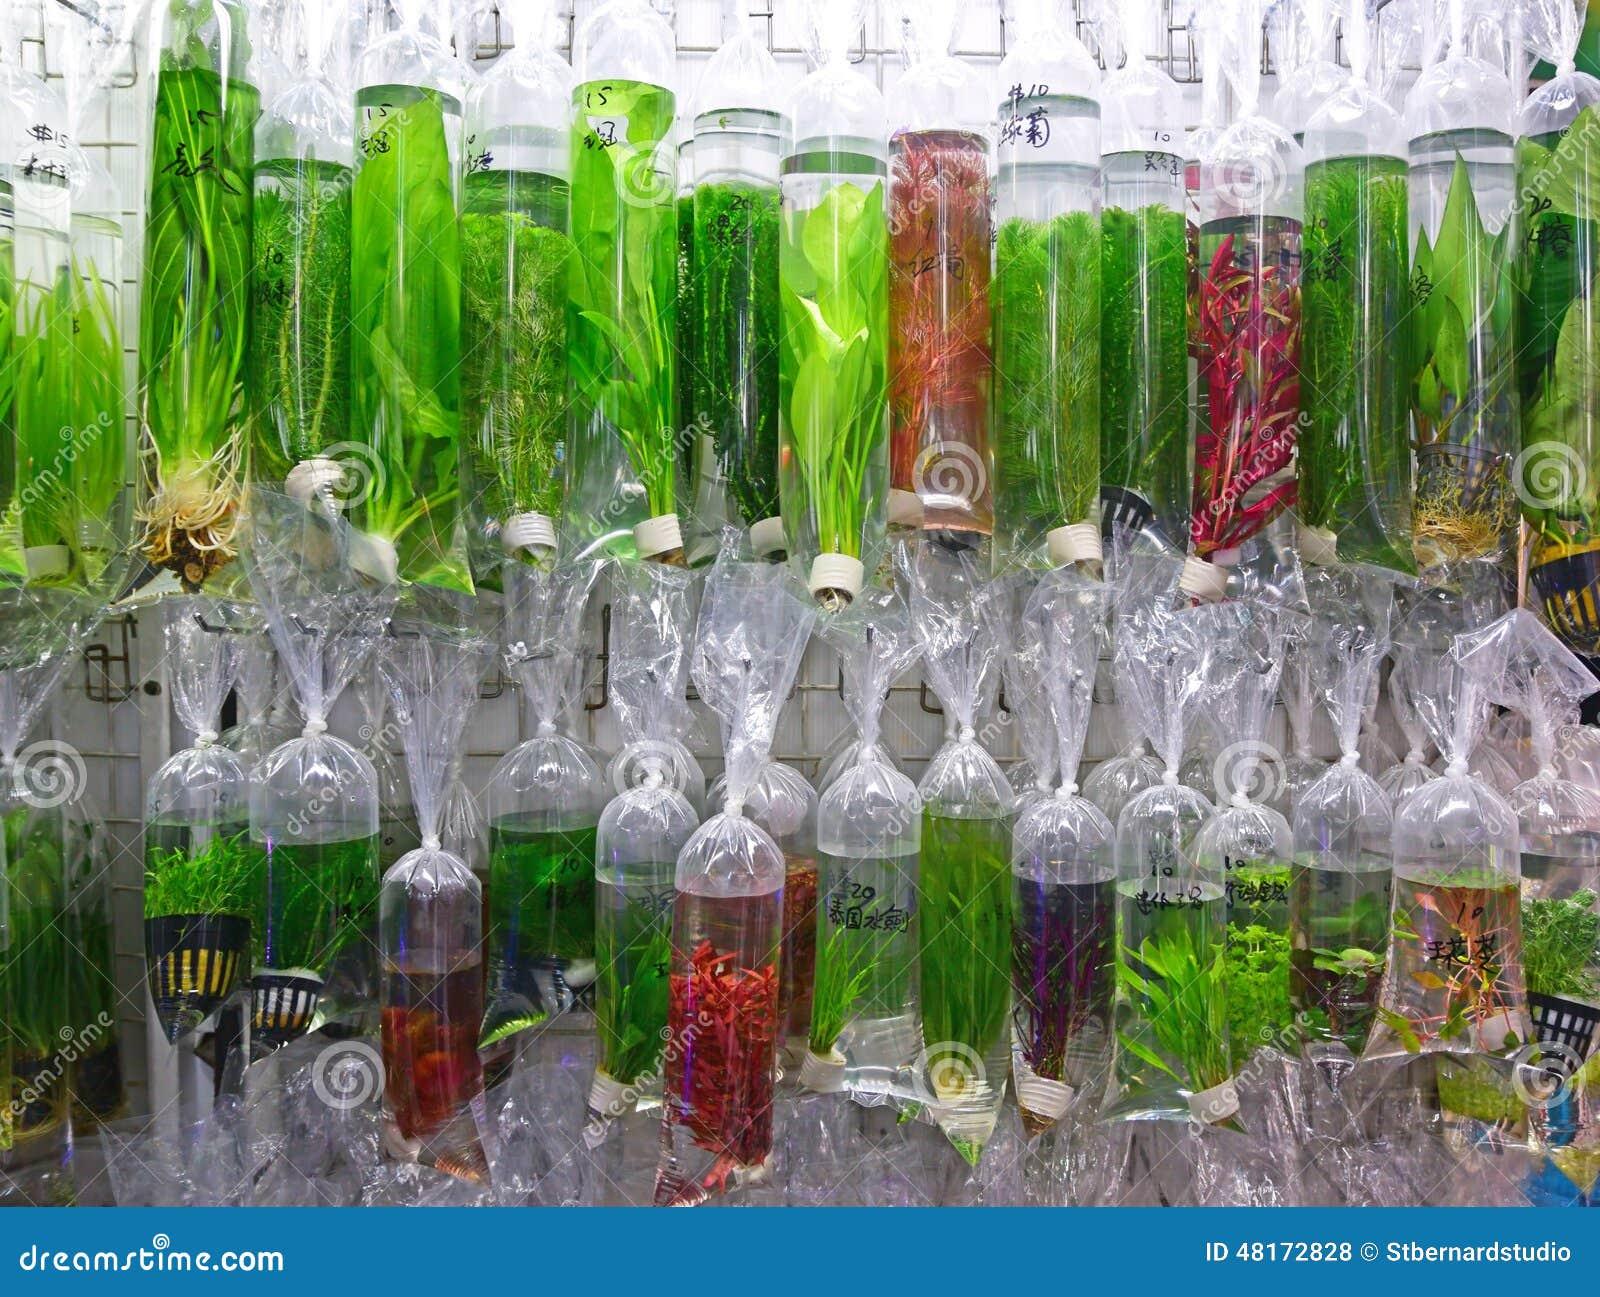 Varie piante acquatiche ornamentali commerciali fotografia for Piante secche ornamentali